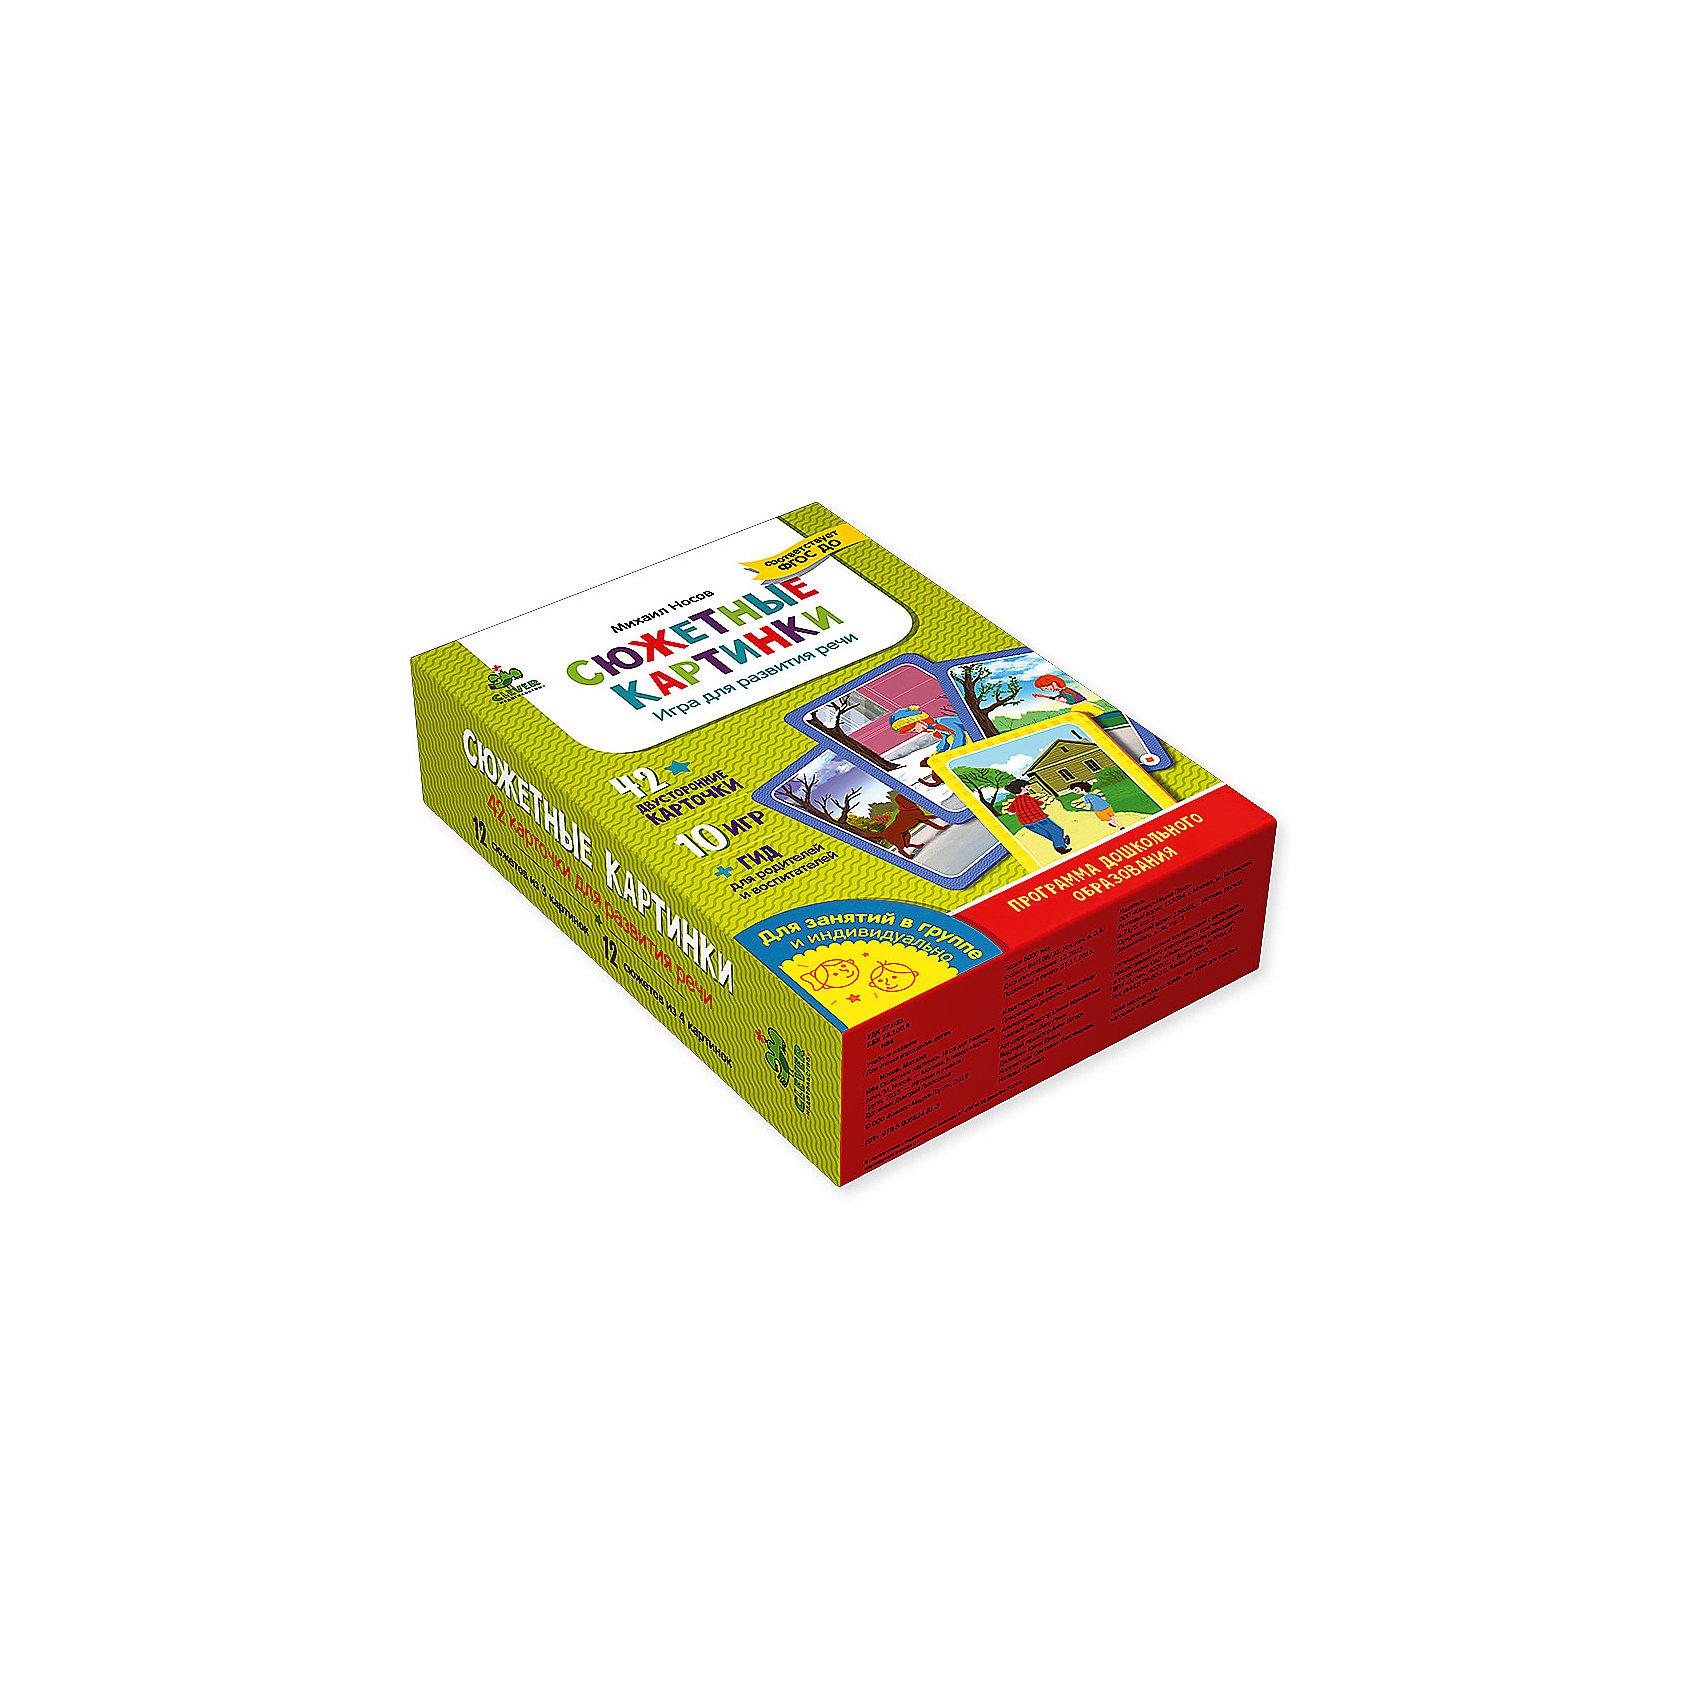 Игра для развития речи Сюжетные картинки, М. НосовТворчество для малышей<br>Игра для развития речи Сюжетные картинки, М. Носов<br><br>Характеристики:<br><br>• ISBN: 978-5-906824-81-3<br>• Кол-во страниц: 84<br>• Возраст: от 4 лет<br>• Формат: а4<br>• Размер книги: 176x125x45 мм<br>• Бумага: картон<br>• Вес: 900 г<br>• Обложка: картонная коробка<br><br>Образная, яркая, логично построенная речь - основной показатель интеллектуального уровня развития ребенка. Данная книга, состоящая из разнообразных проиллюстрированных карточек с разнообразными сюжетами – позволит родителям или воспитателям детских садов эффективно работать над развитием речи ребенка. В наборе содержится подробная пошаговая инструкция, 10 сценариев для проведения развивающих занятий, 12 сюжетов из 3 картинок и 12 сюжетов из 4 картинок.<br> <br>Игра для развития речи Сюжетные картинки, М. Носов можно купить в нашем интернет-магазине.<br><br>Ширина мм: 175<br>Глубина мм: 125<br>Высота мм: 10<br>Вес г: 900<br>Возраст от месяцев: 48<br>Возраст до месяцев: 72<br>Пол: Унисекс<br>Возраст: Детский<br>SKU: 5377766